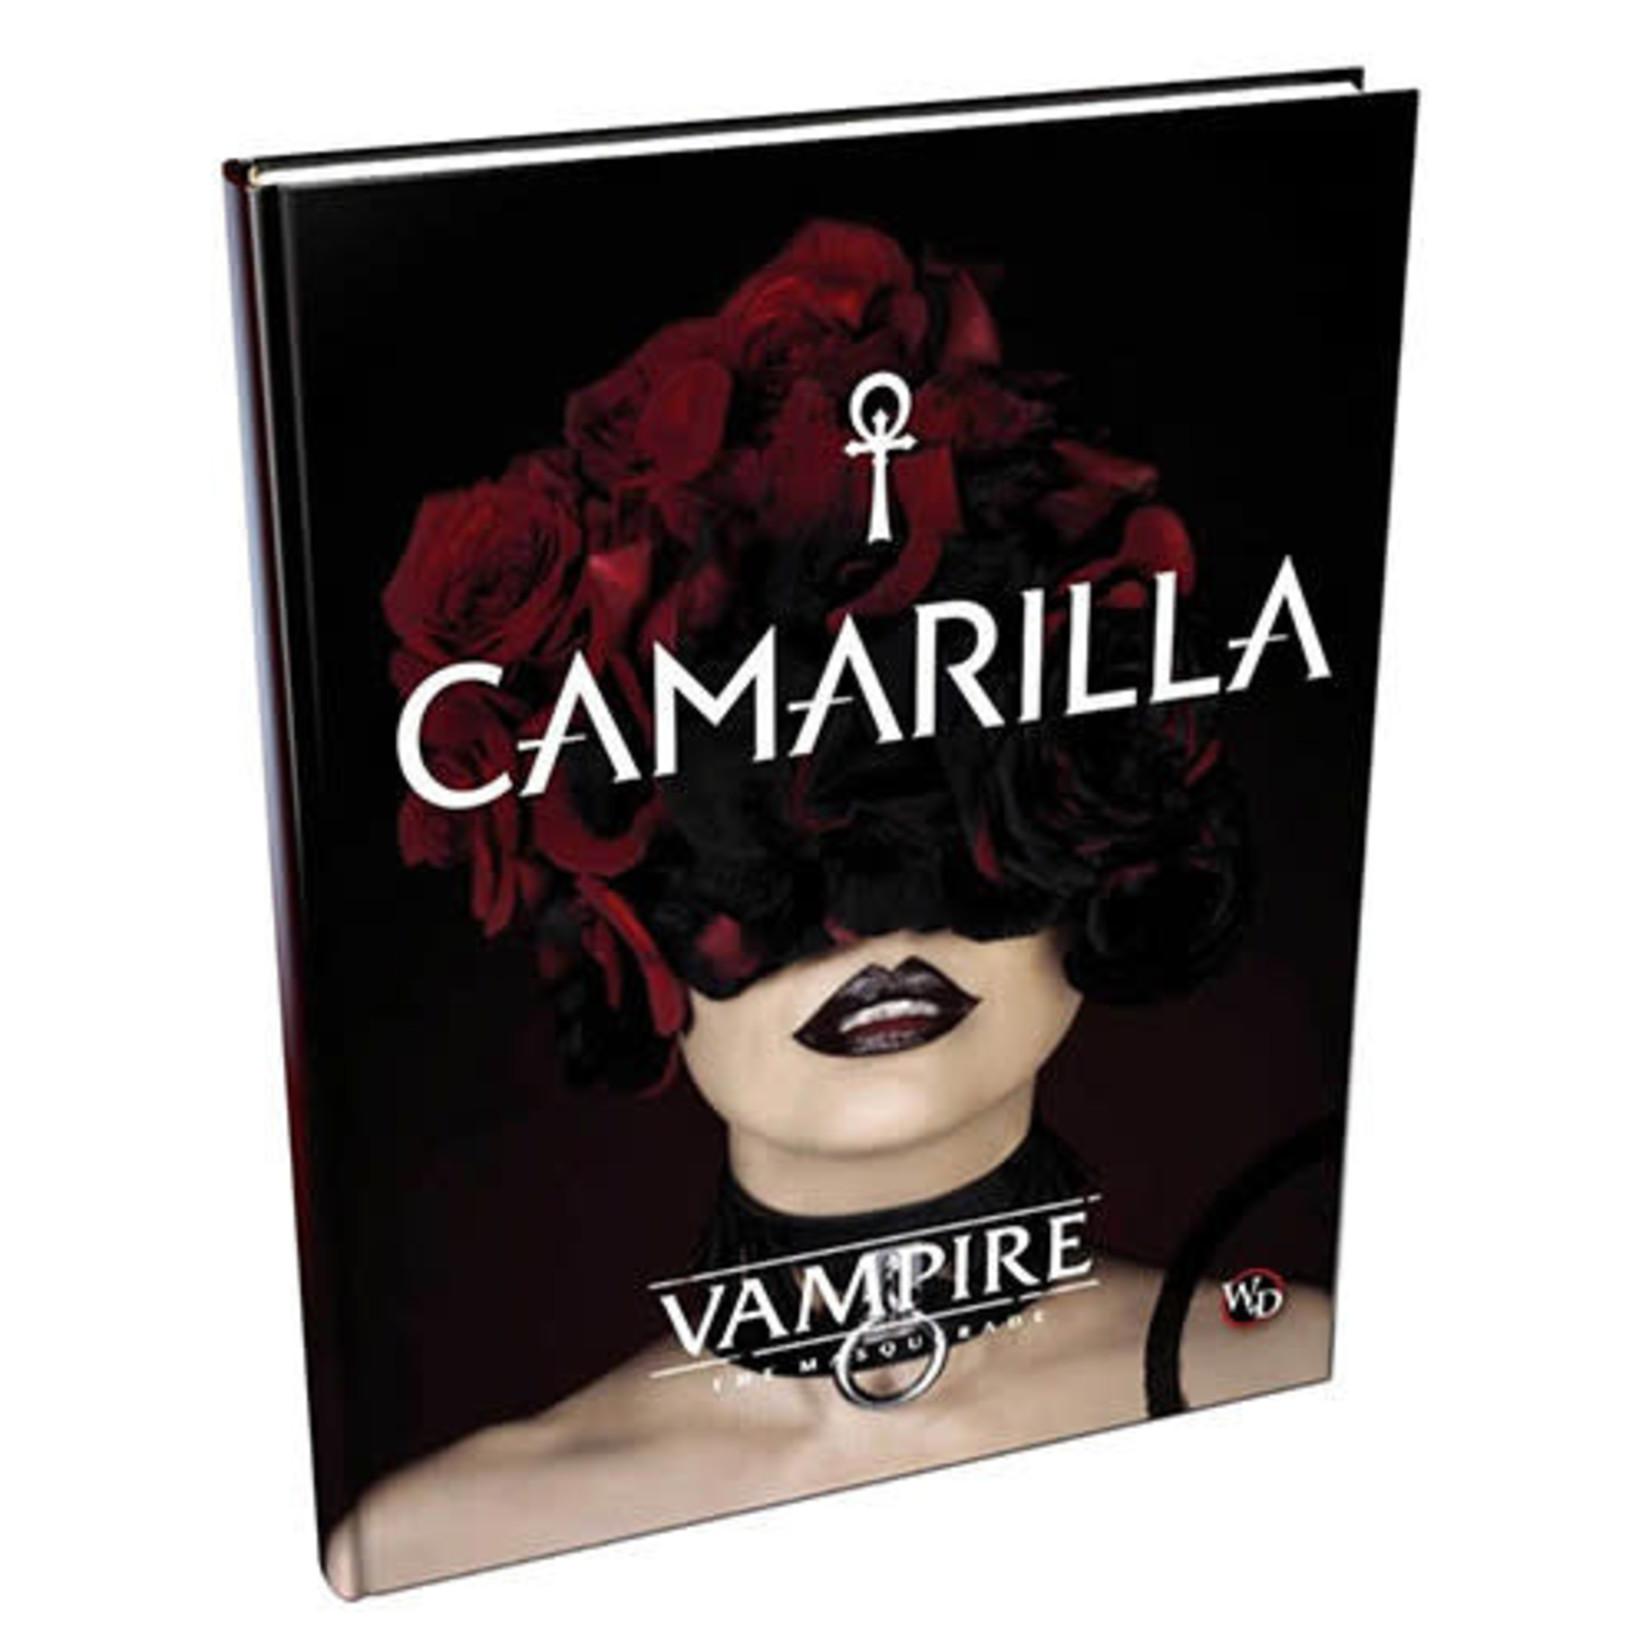 Vampire the Masquerade Camarilla sorcebook